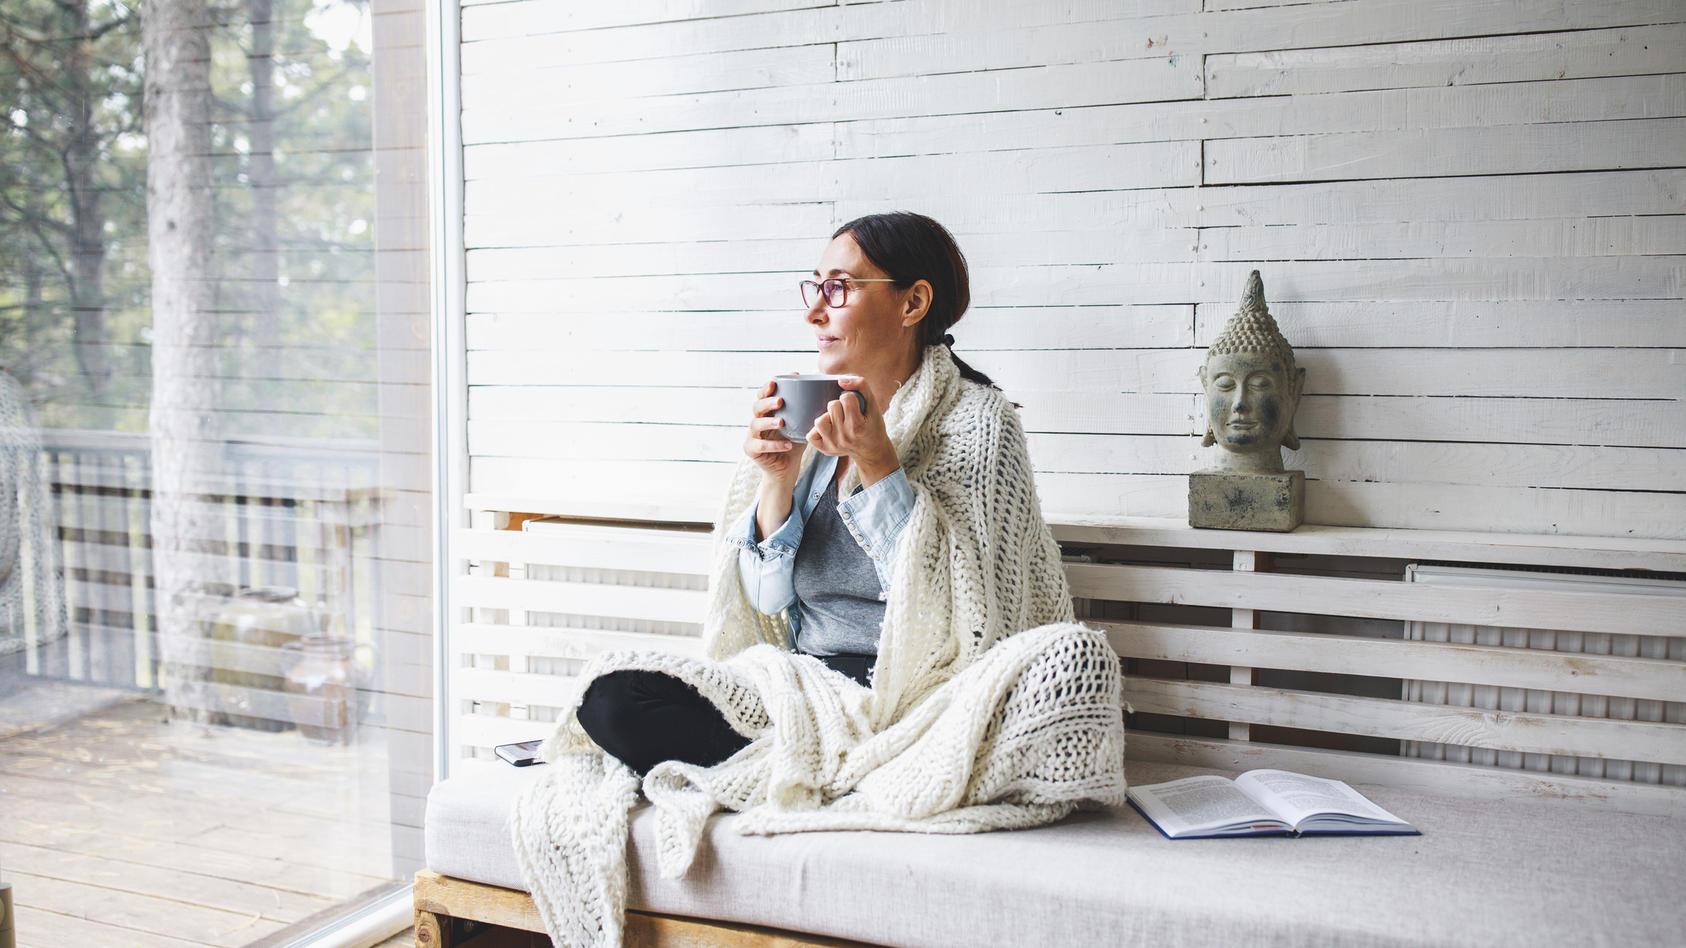 Ihr Zuhause winterfest machen: Das sollten Sie bei Türen, Wänden und Heizungen beachten.